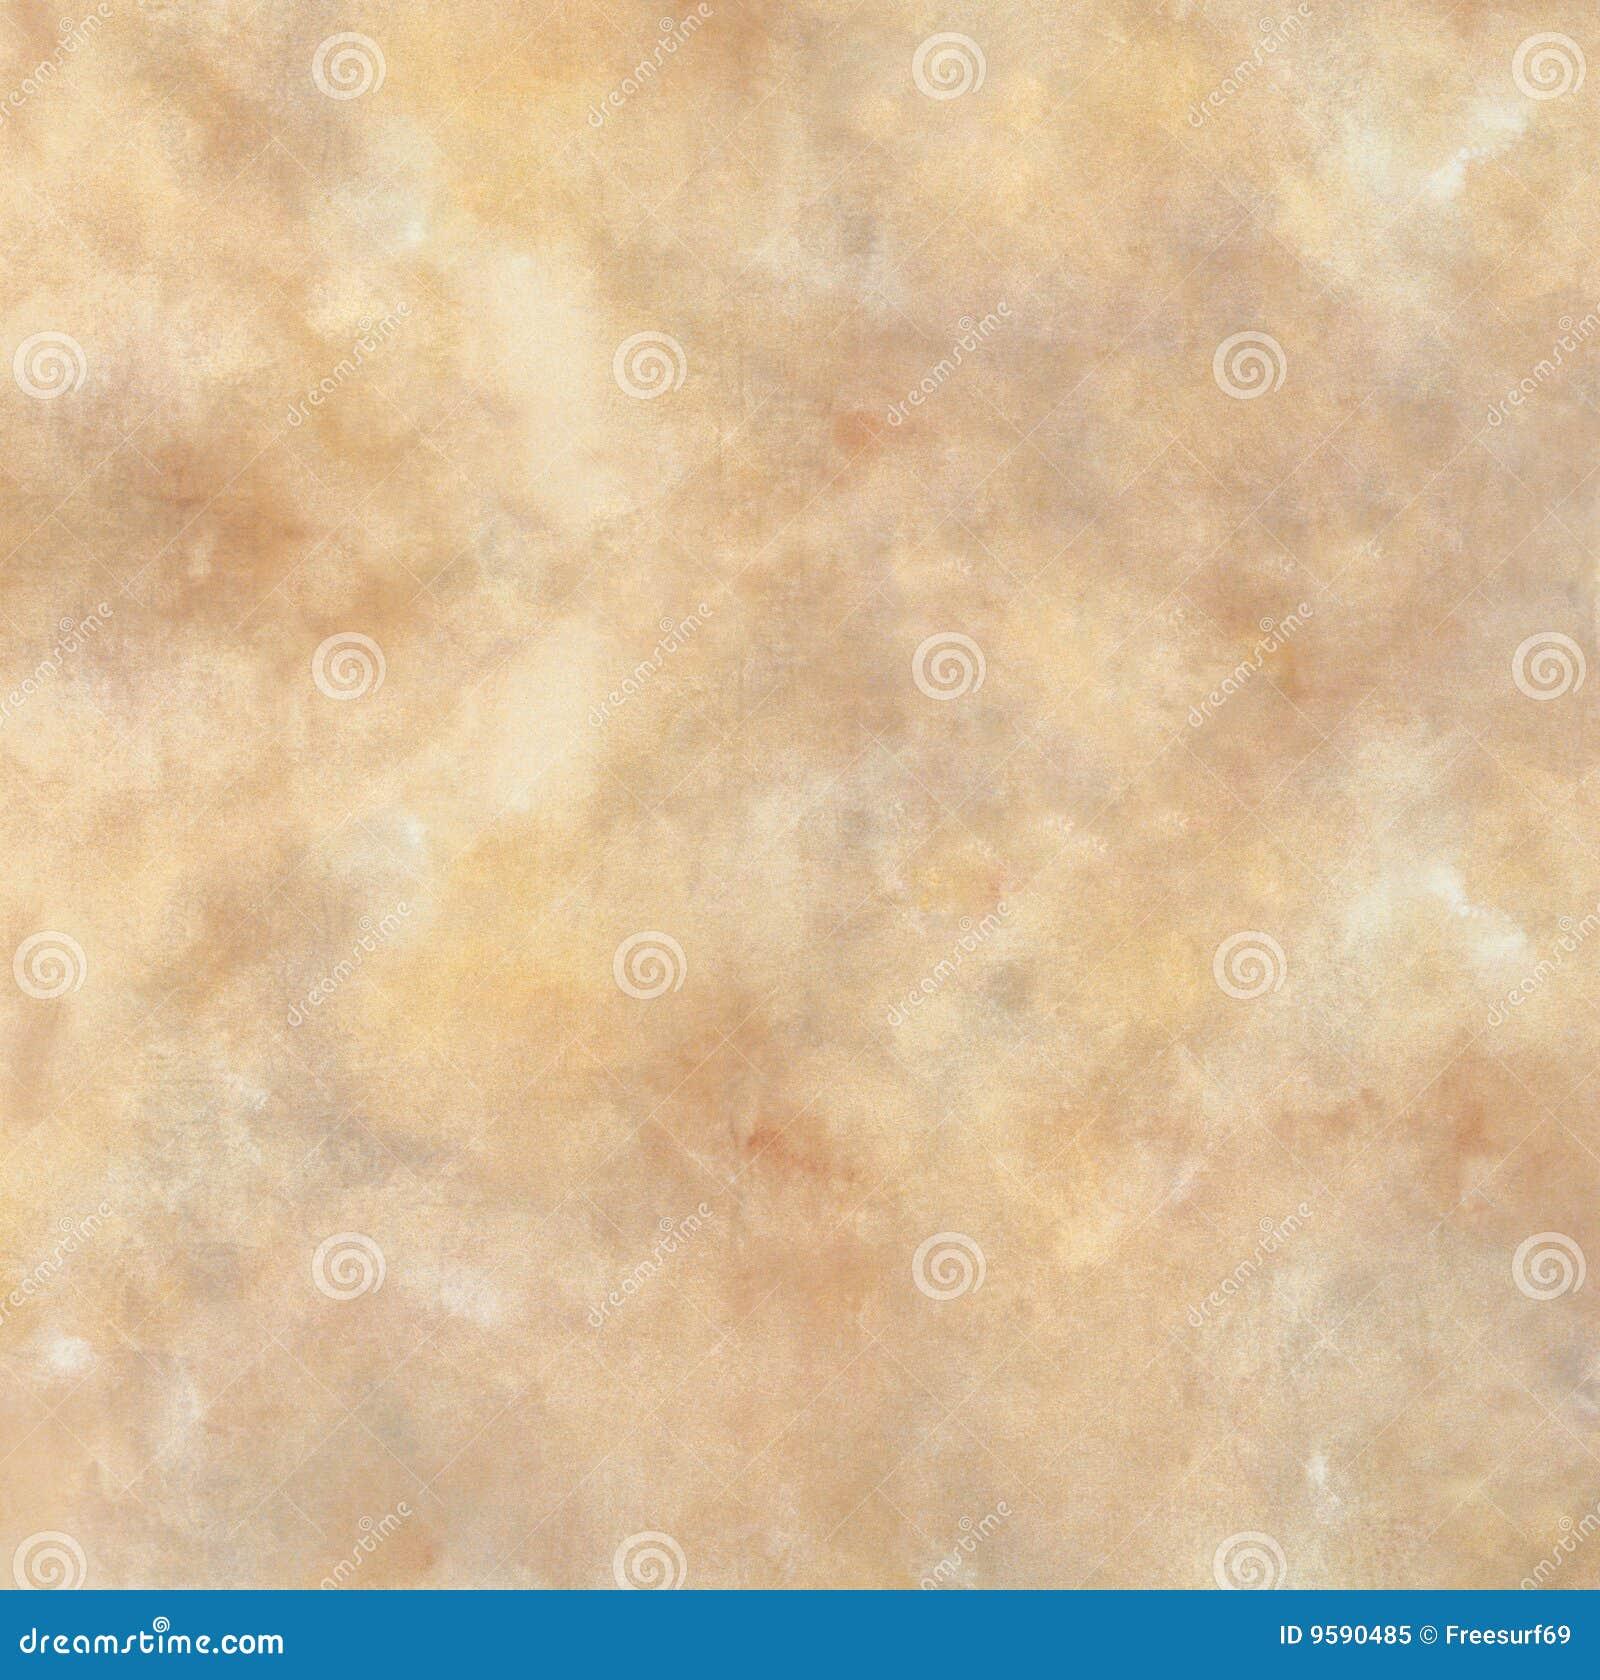 текстура цвета слоновой кости ...: ru.dreamstime.com/стоковое-фото...